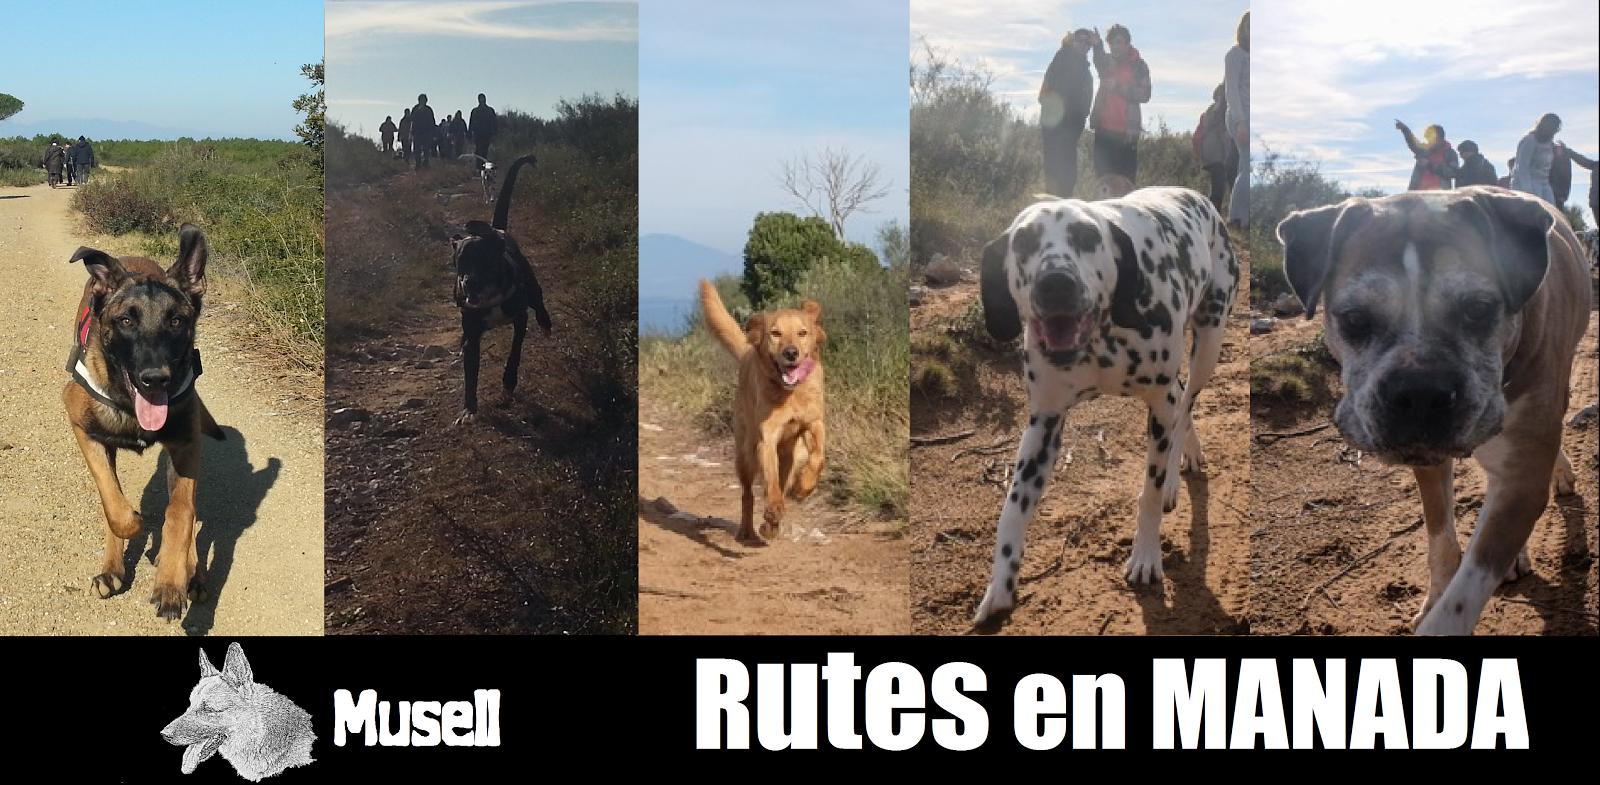 RUTES EN MANADA